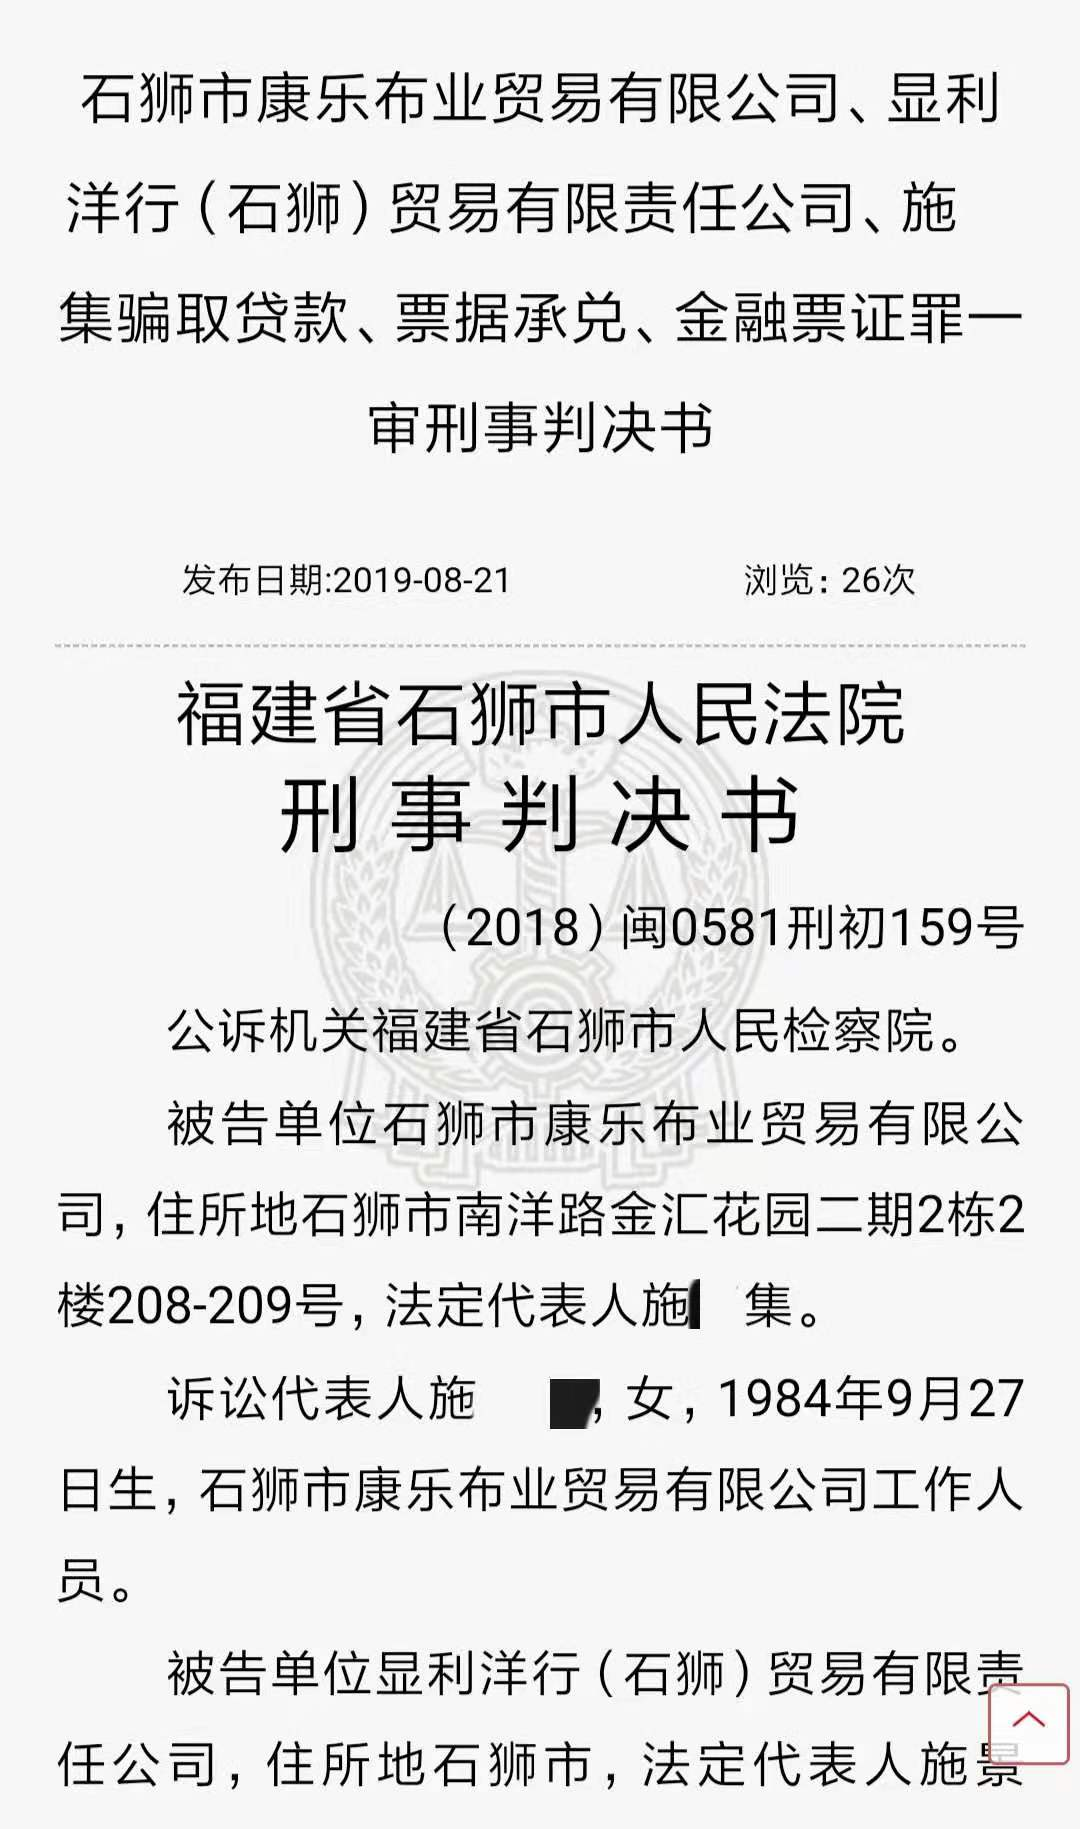 「江苏股票配资网站建设」四家银行被石狮某企业骗取2000万贷款 泉州银行损失最大超700万